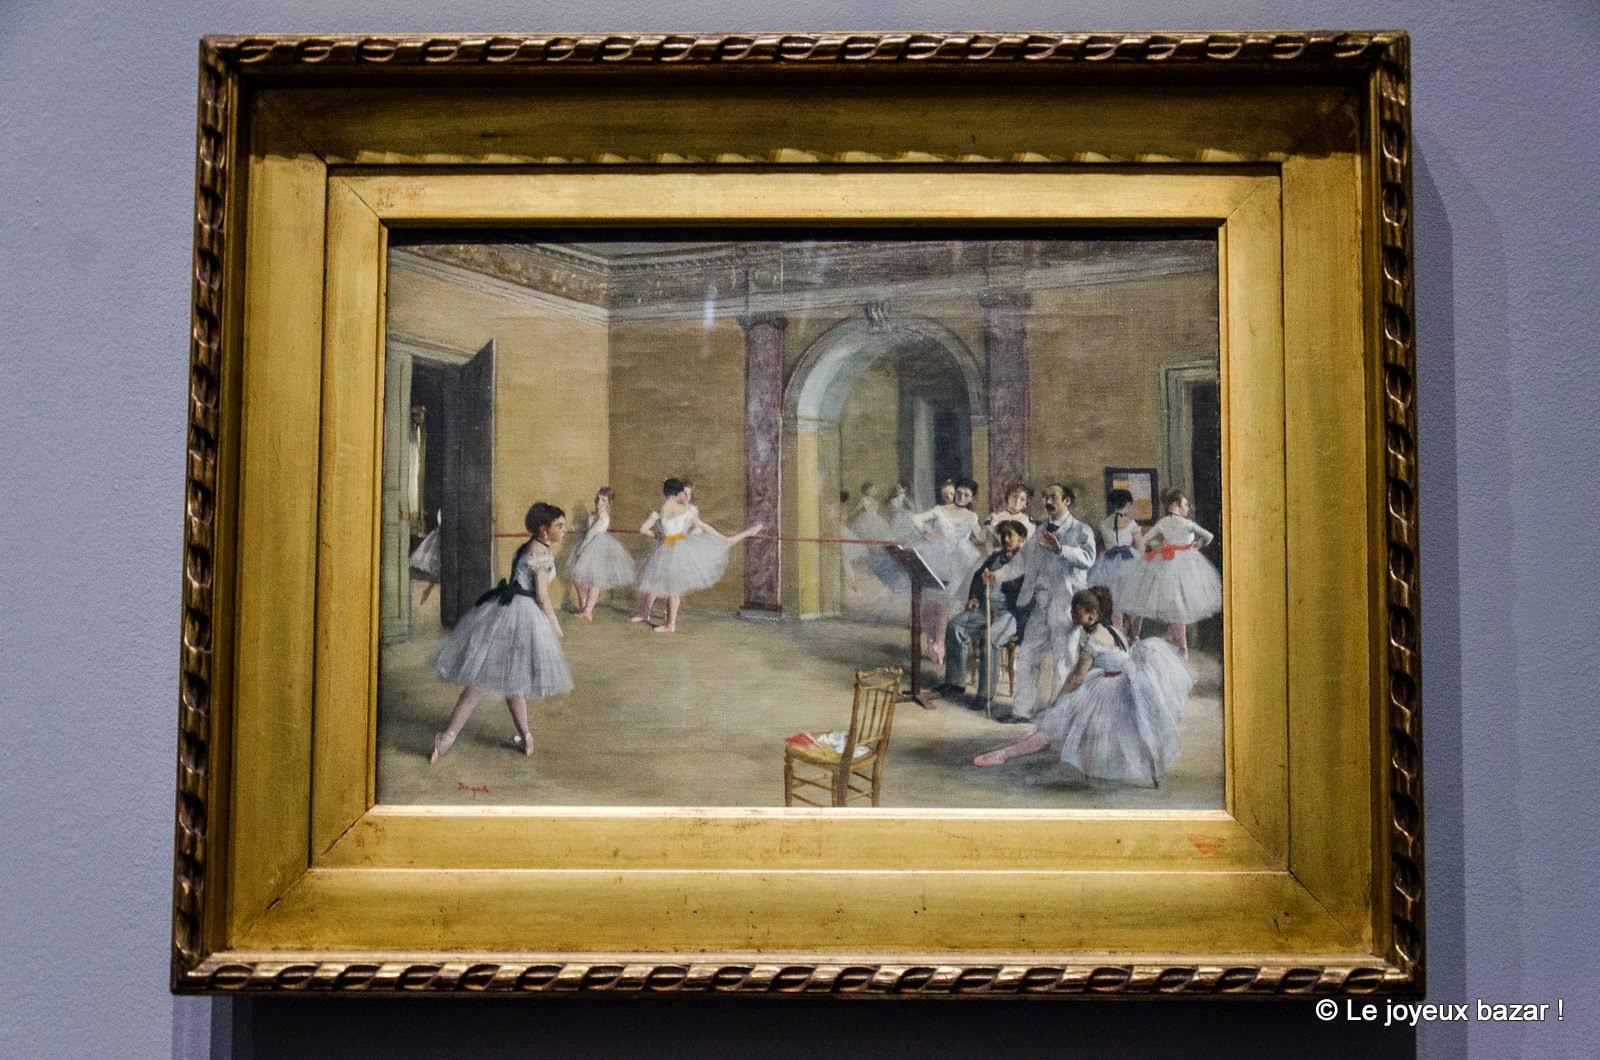 Edgar Degas Le Foyer de la danse de l'Opéra de la rue Peletier 1872 Huile sur toile, 32 x 46 cm Paris, Musée d'Orsay